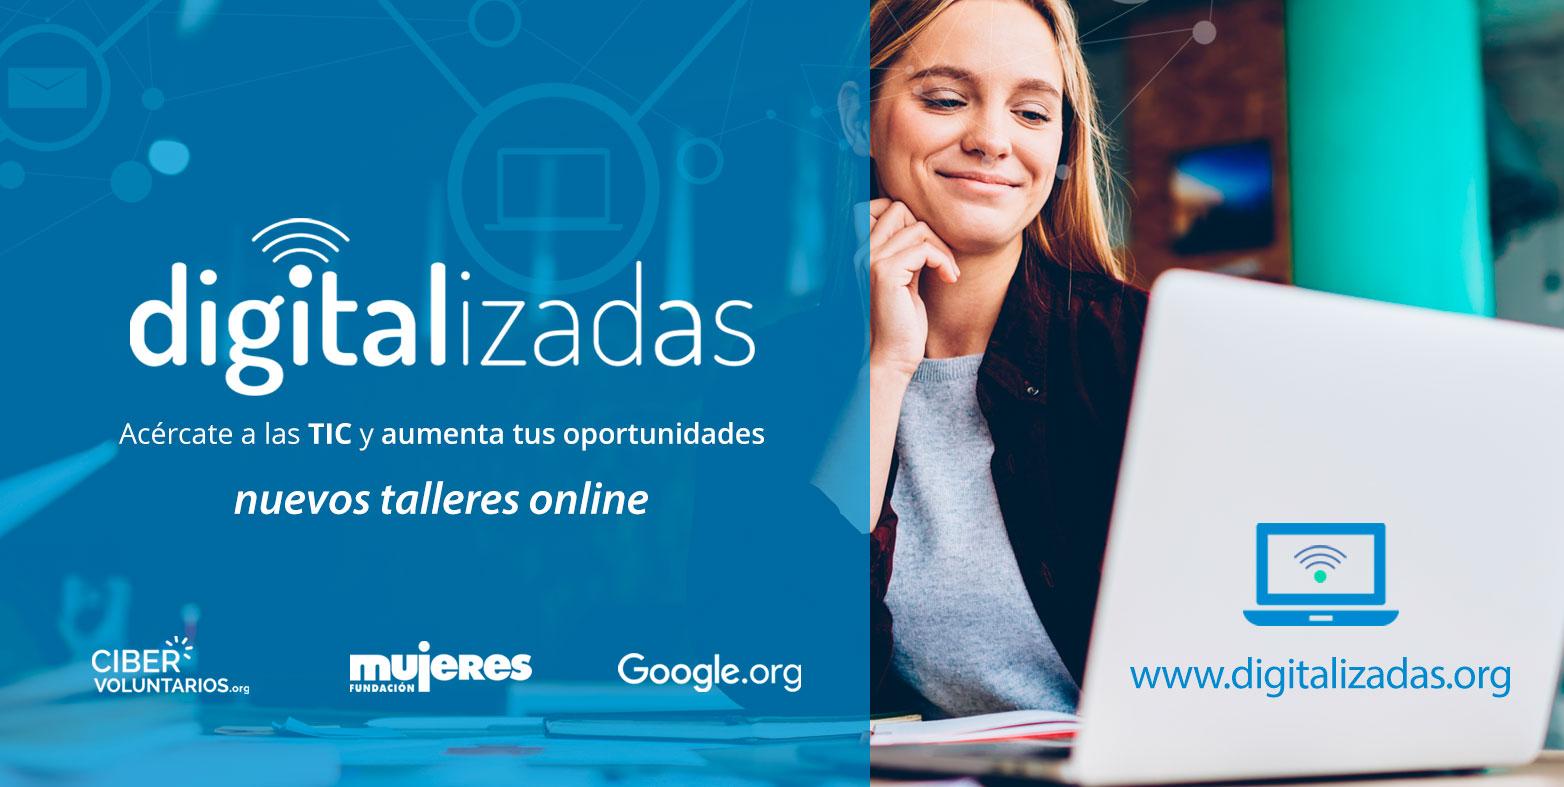 Digitalizadas continúa con talleres online para derribar la triple brecha: digital, rural y de género